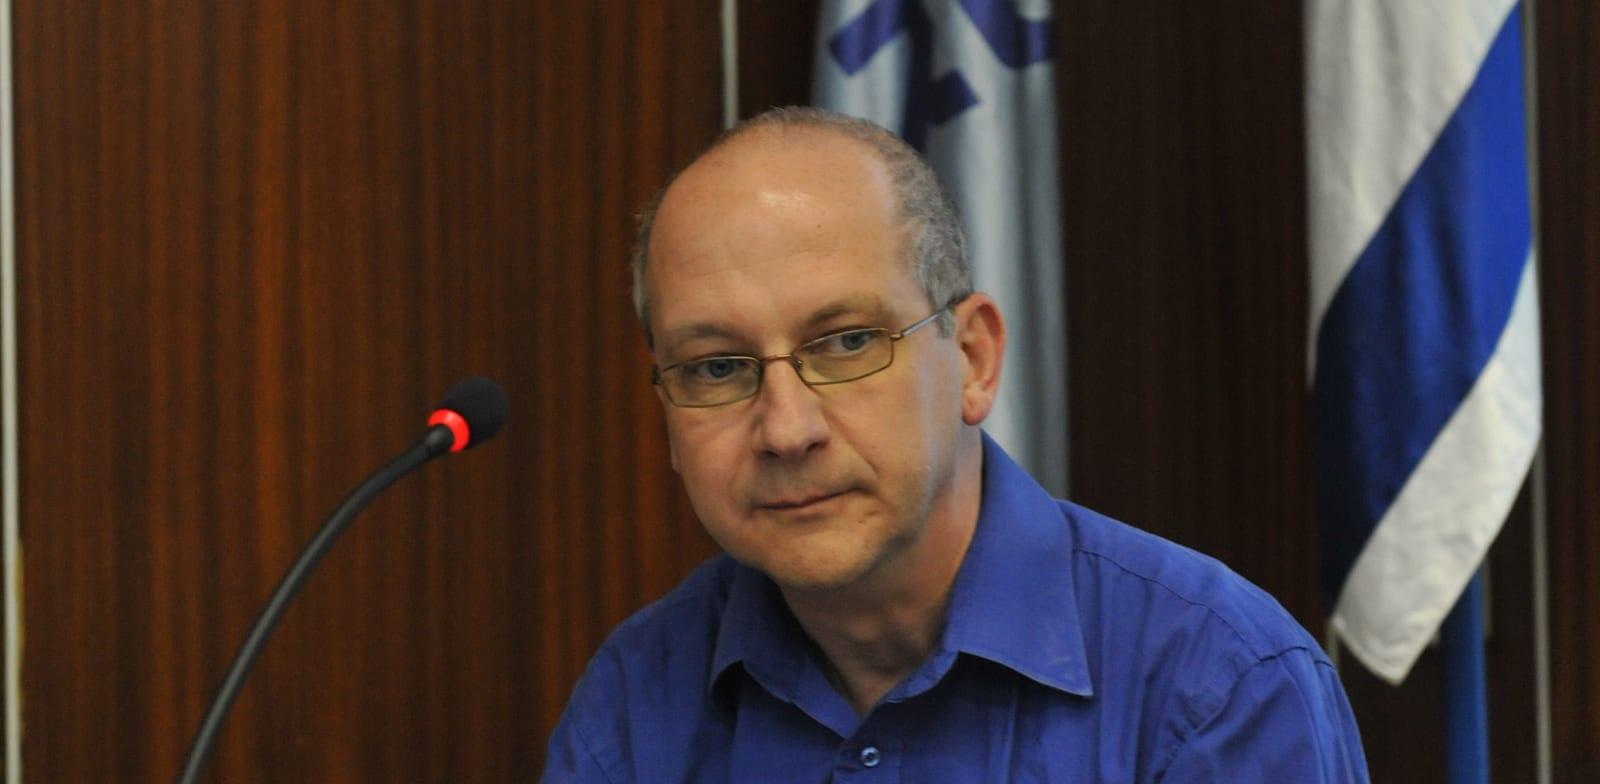 פרופ' ישי יפה, ראש הוועדה לבחינת ההוצאות הישירות בחסכונות הפנסיוניים / צילום: בן יוסטר